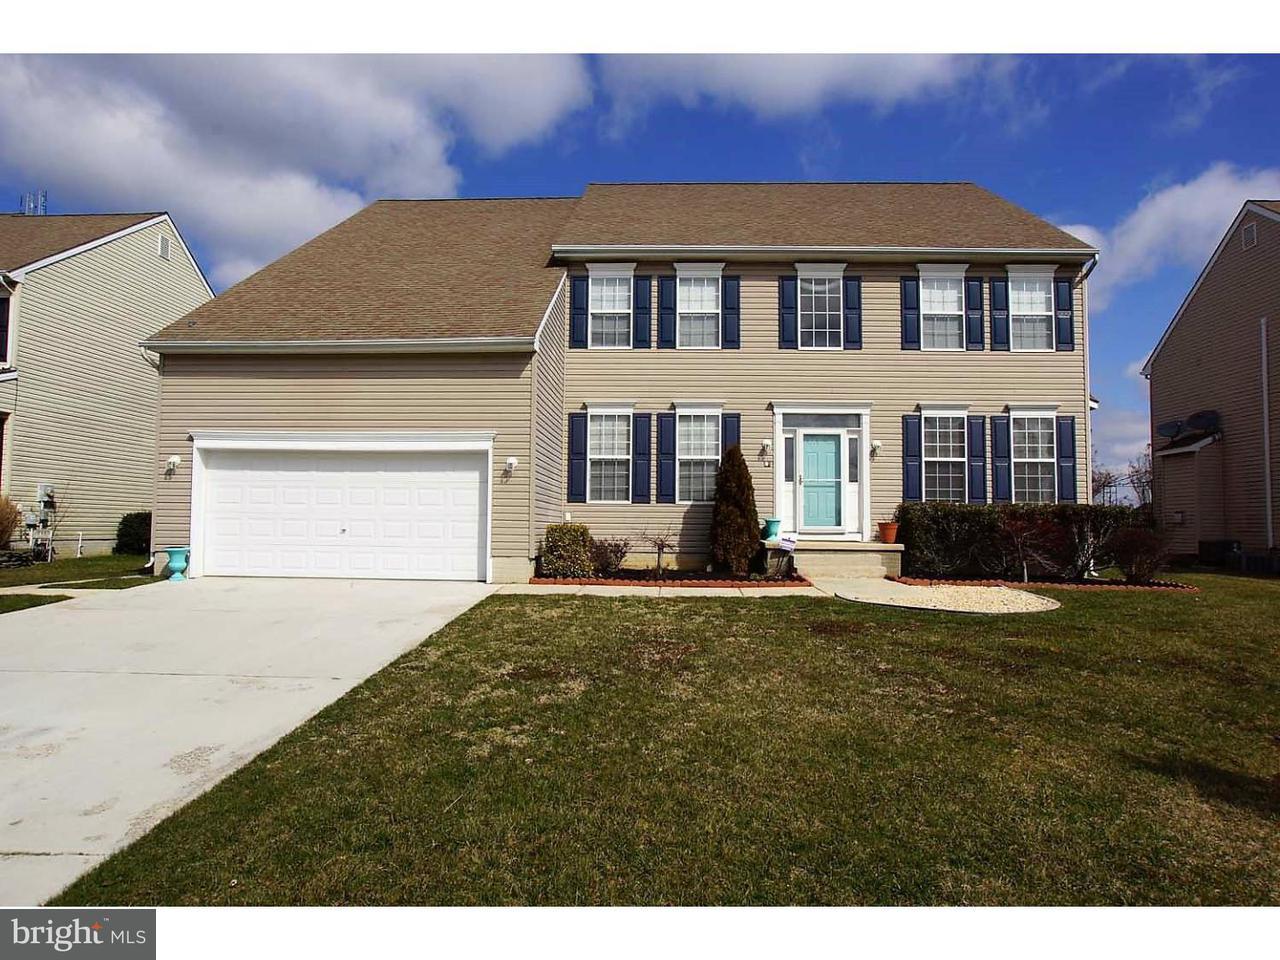 1169 W BIRDIE Lane  Magnolia, Delaware 19962 États-Unis